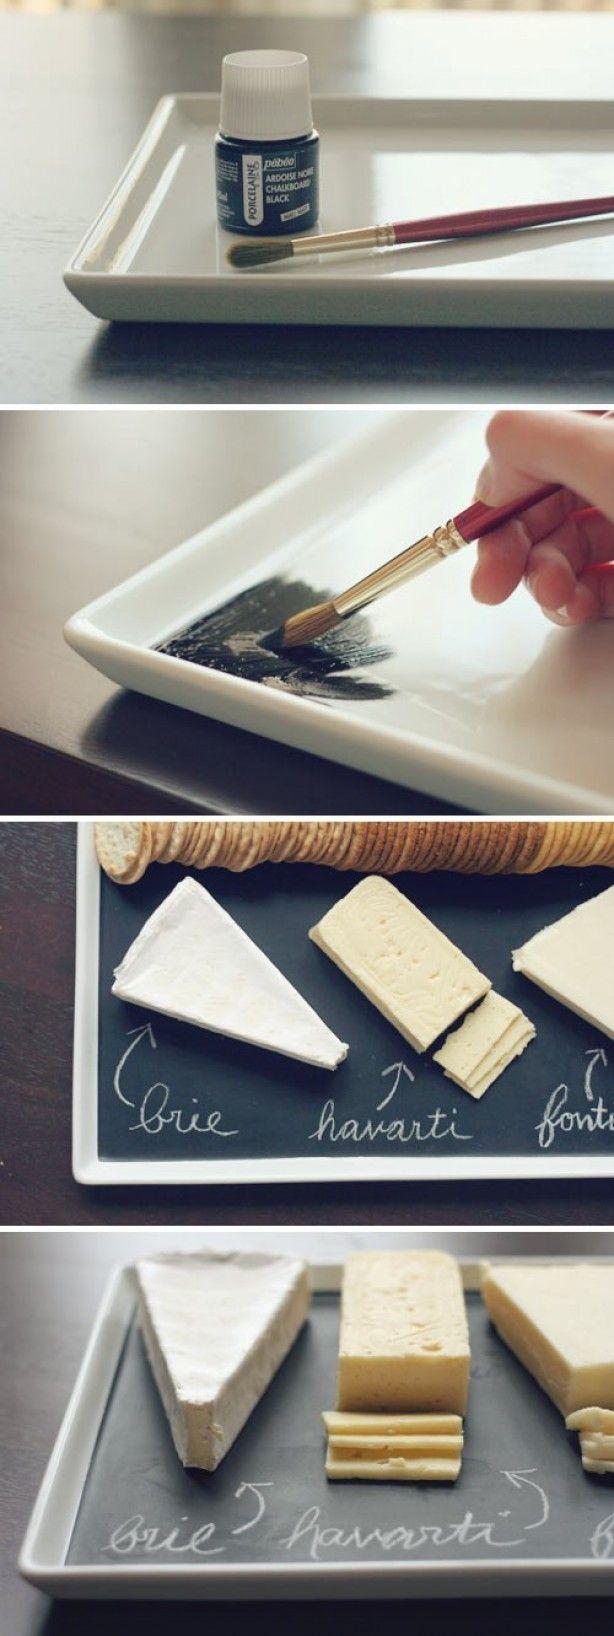 Hoe vaak krijg je niet de vraag wat voor kaasjes het zijn? Maak je eigen kaasplankje met schoolbordkrijt!